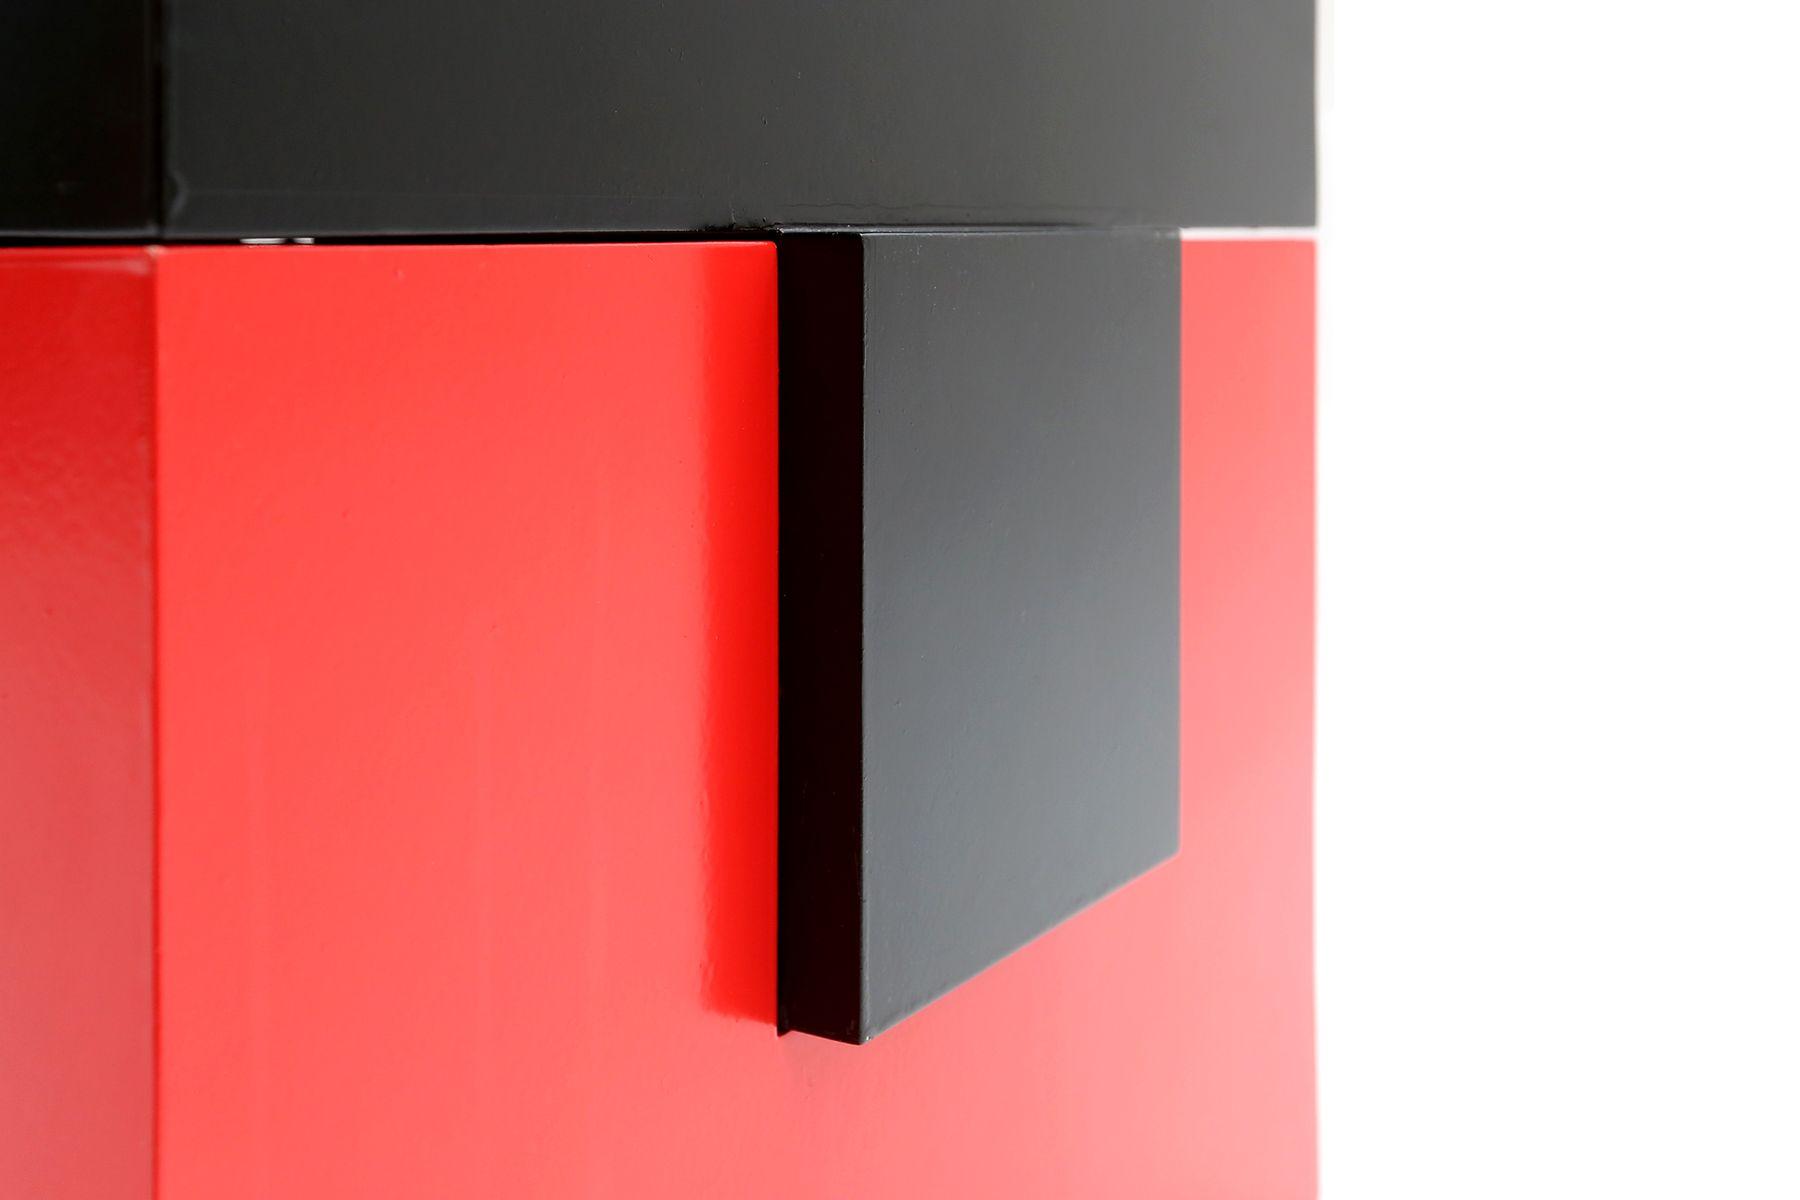 vintage beistelltisch in rot schwarz bei pamono kaufen. Black Bedroom Furniture Sets. Home Design Ideas